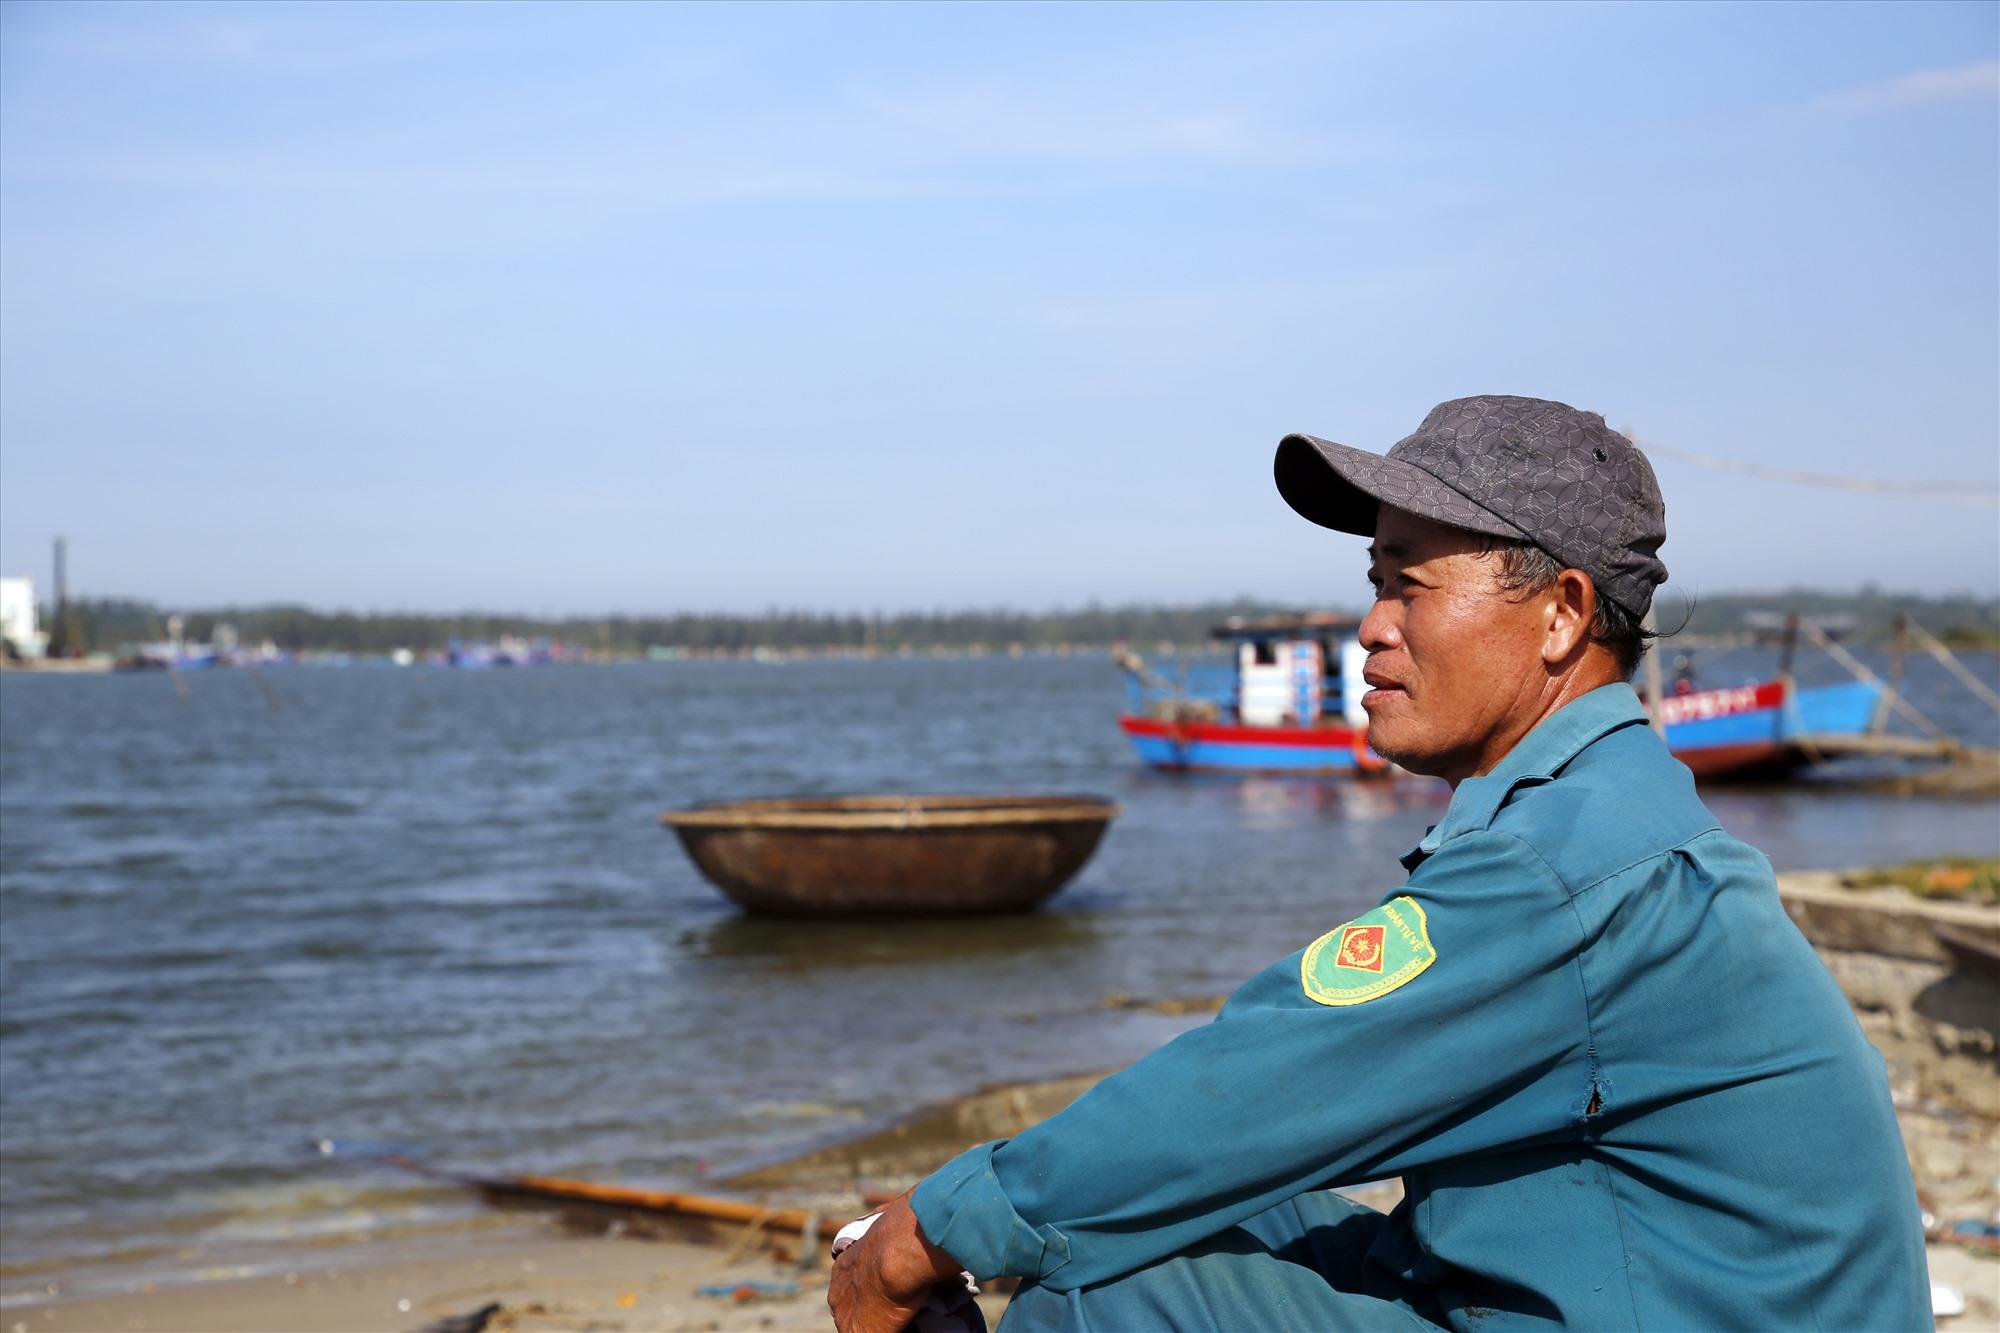 Ông Nguyễn Văn Thịnh là một ngư dân dạn dày sóng gió. Ảnh: T.C